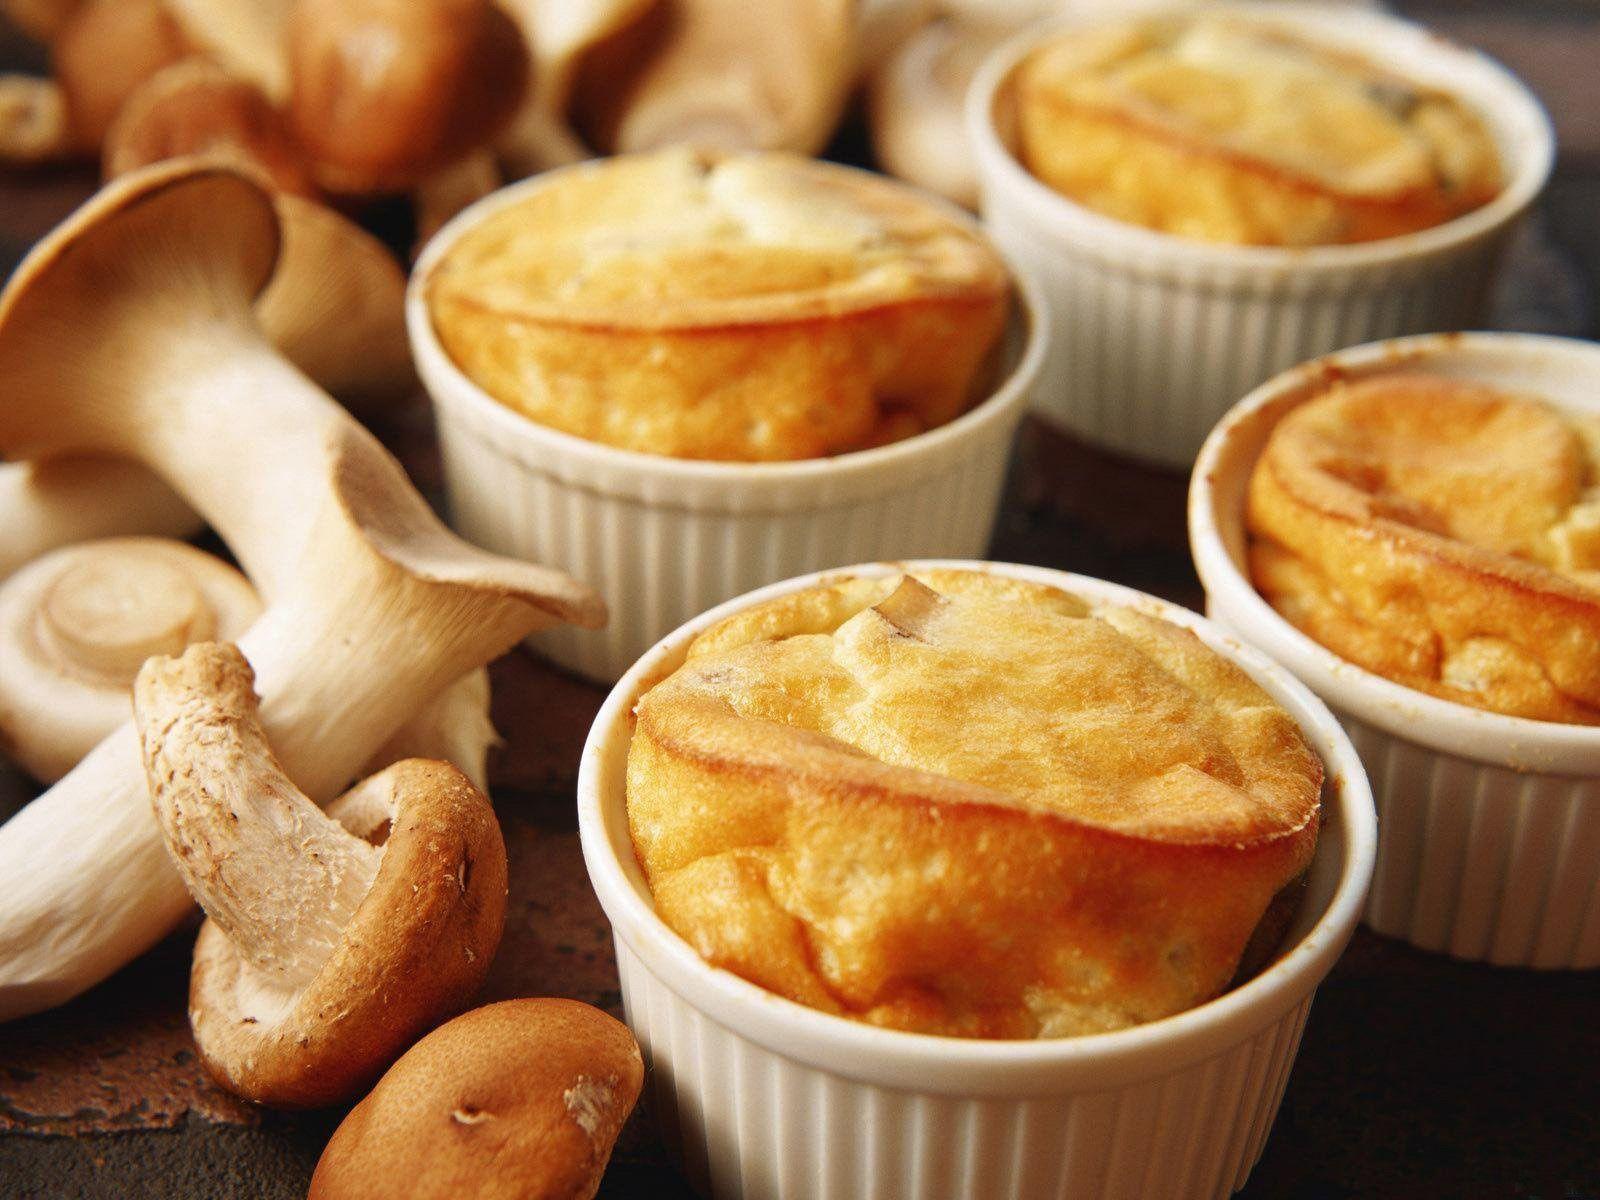 Bon appétit - Nourriture - Soufflé - Champignons - Photographie - Wallpaper - Free